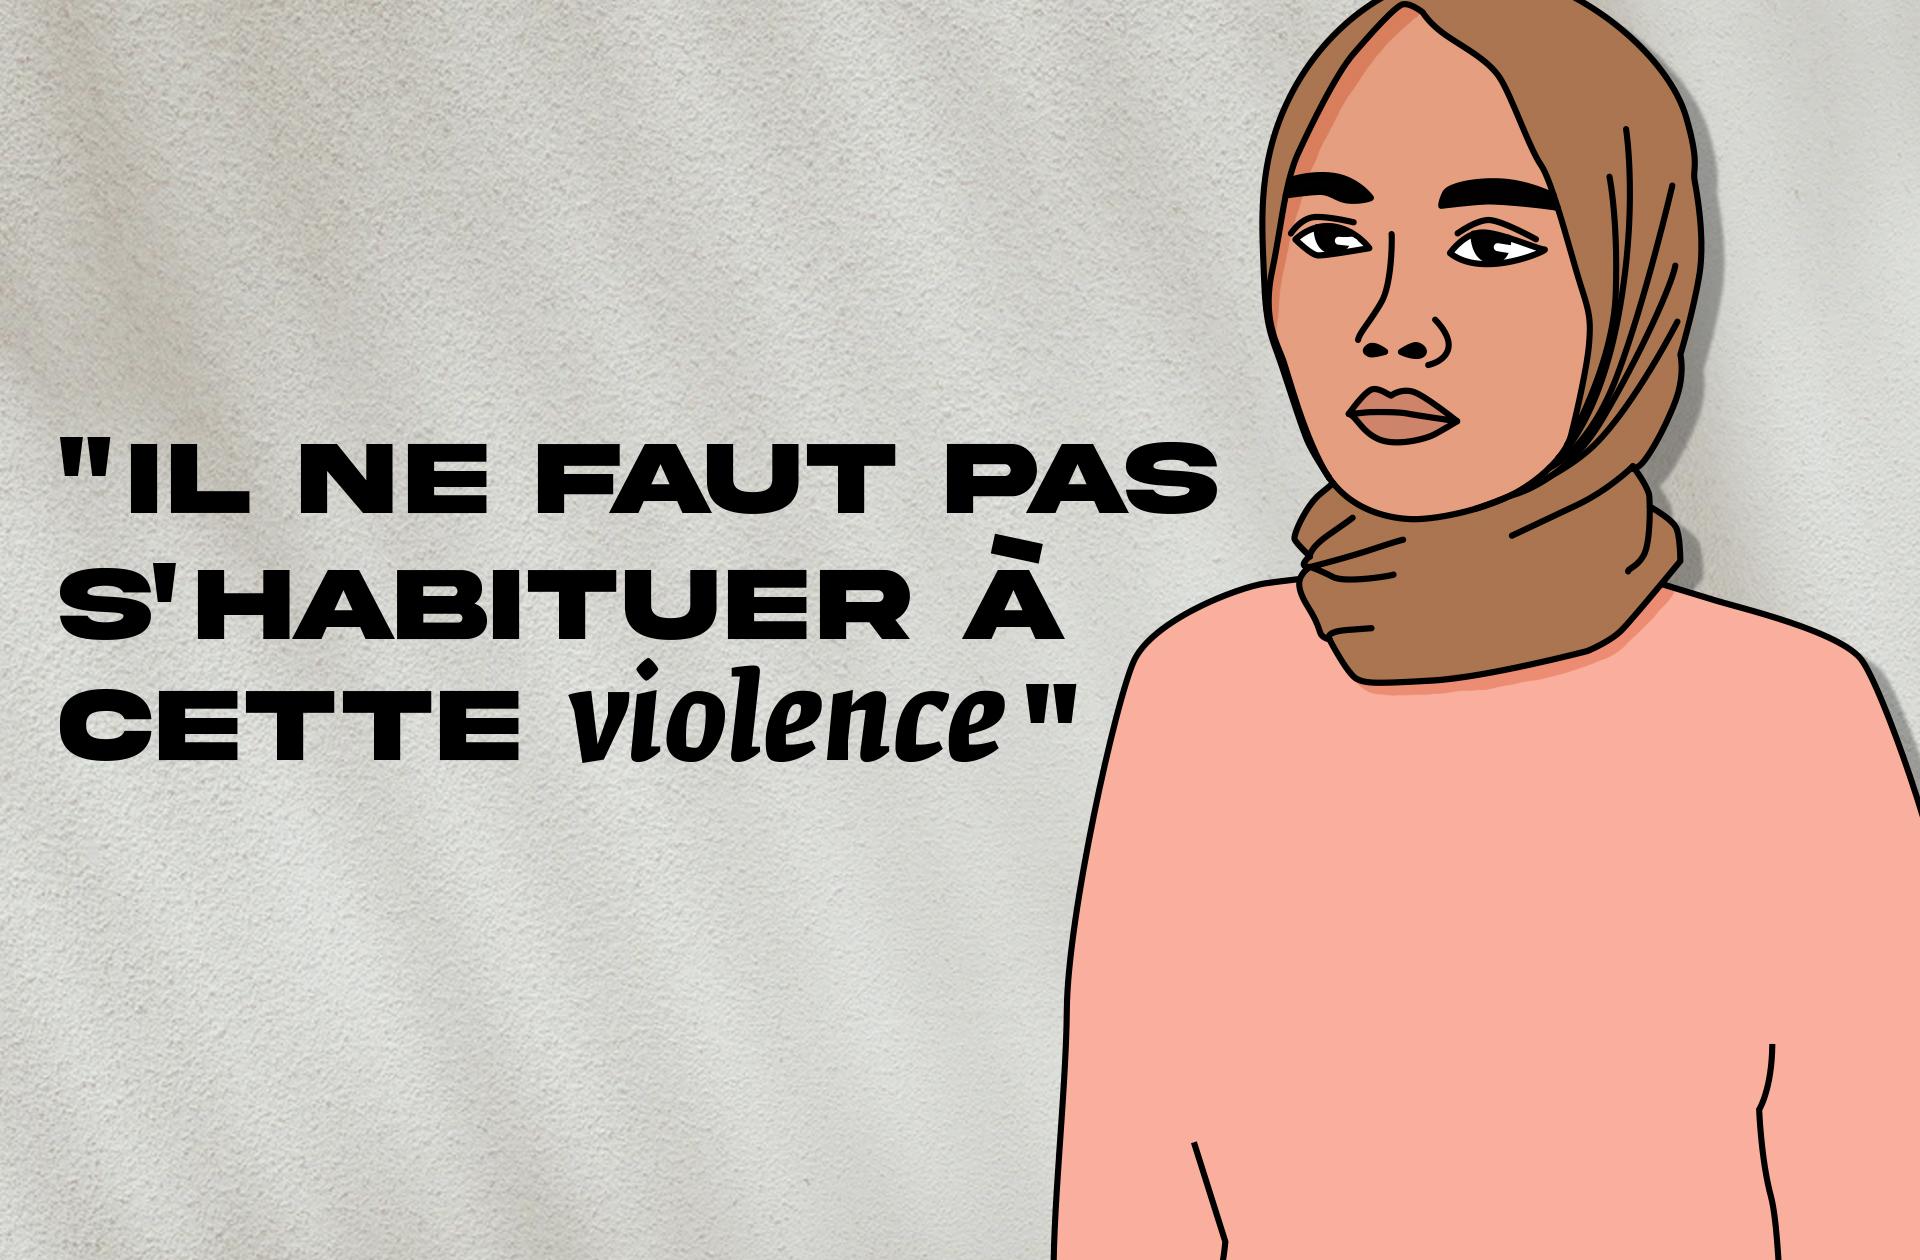 « La France est coincée dans une boucle infernale où l'islamophobie qui vise les femmes cadence nos vies »